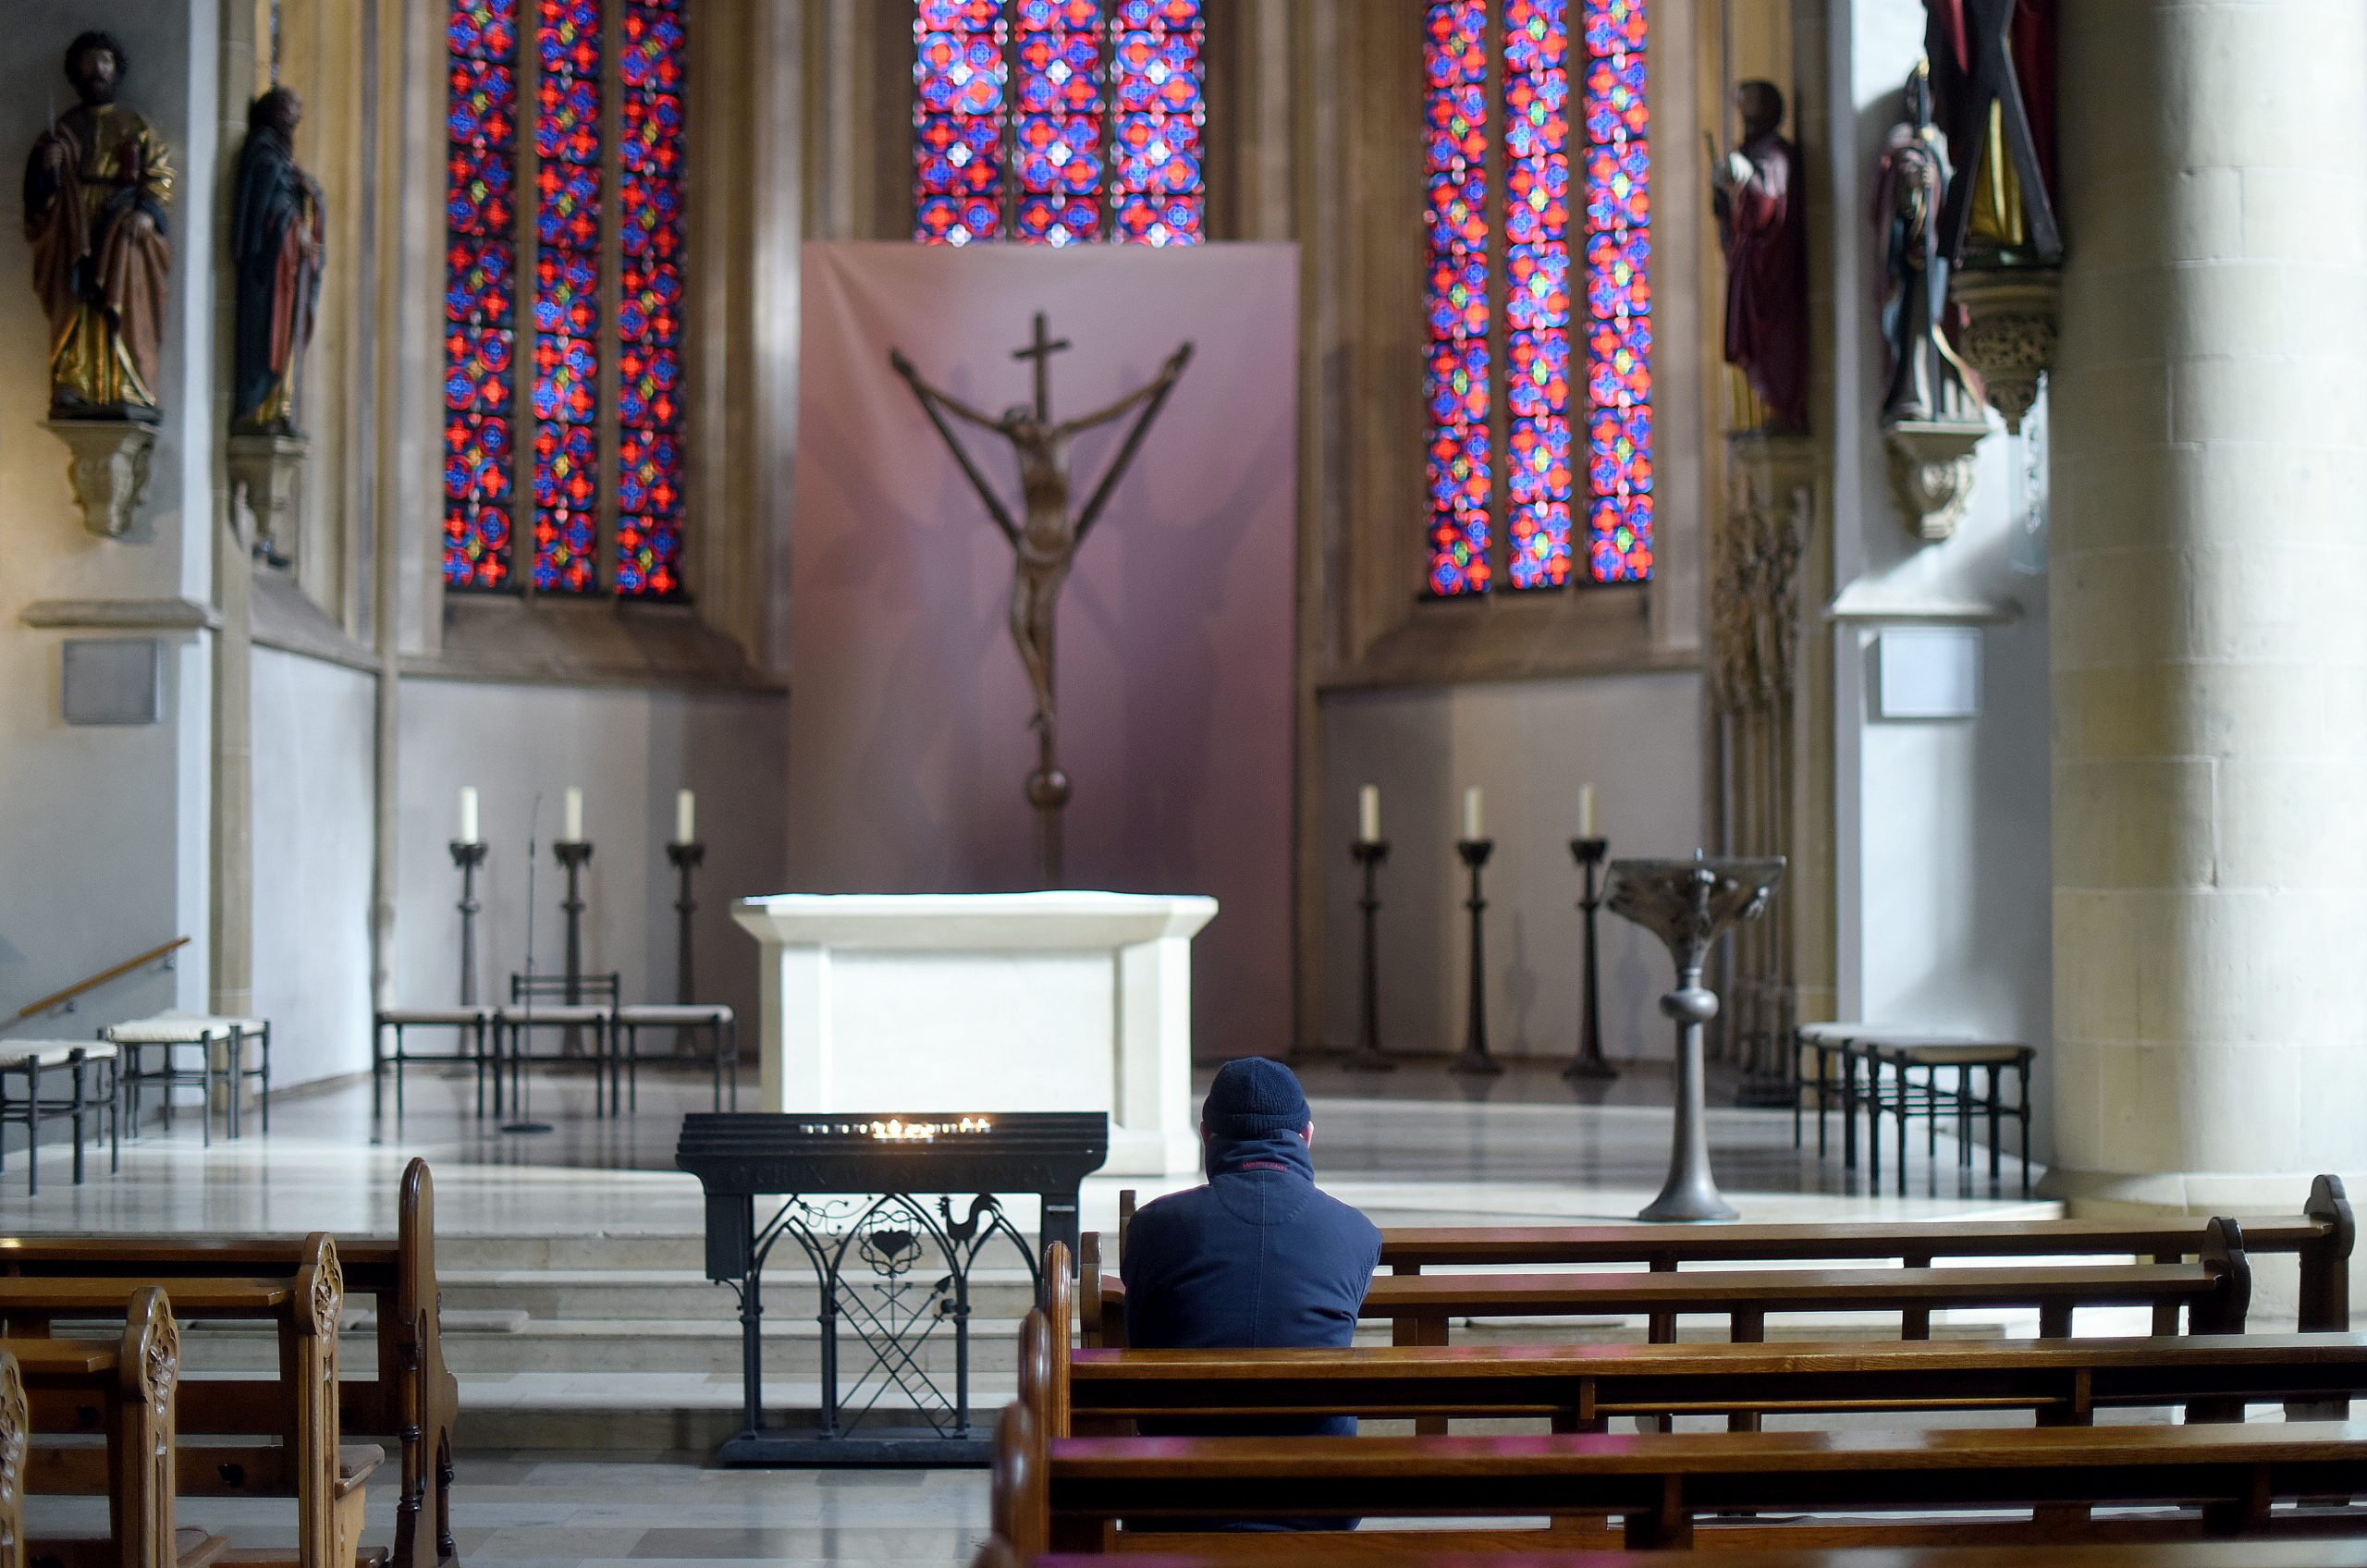 Die Pfarreien werden immer größer, die Aufgaben mehr – und die Kirchenbänke immer leerer. Die katholische Kirche befindet sich in einem Strukturwandel. Foto: Volker Hartmann